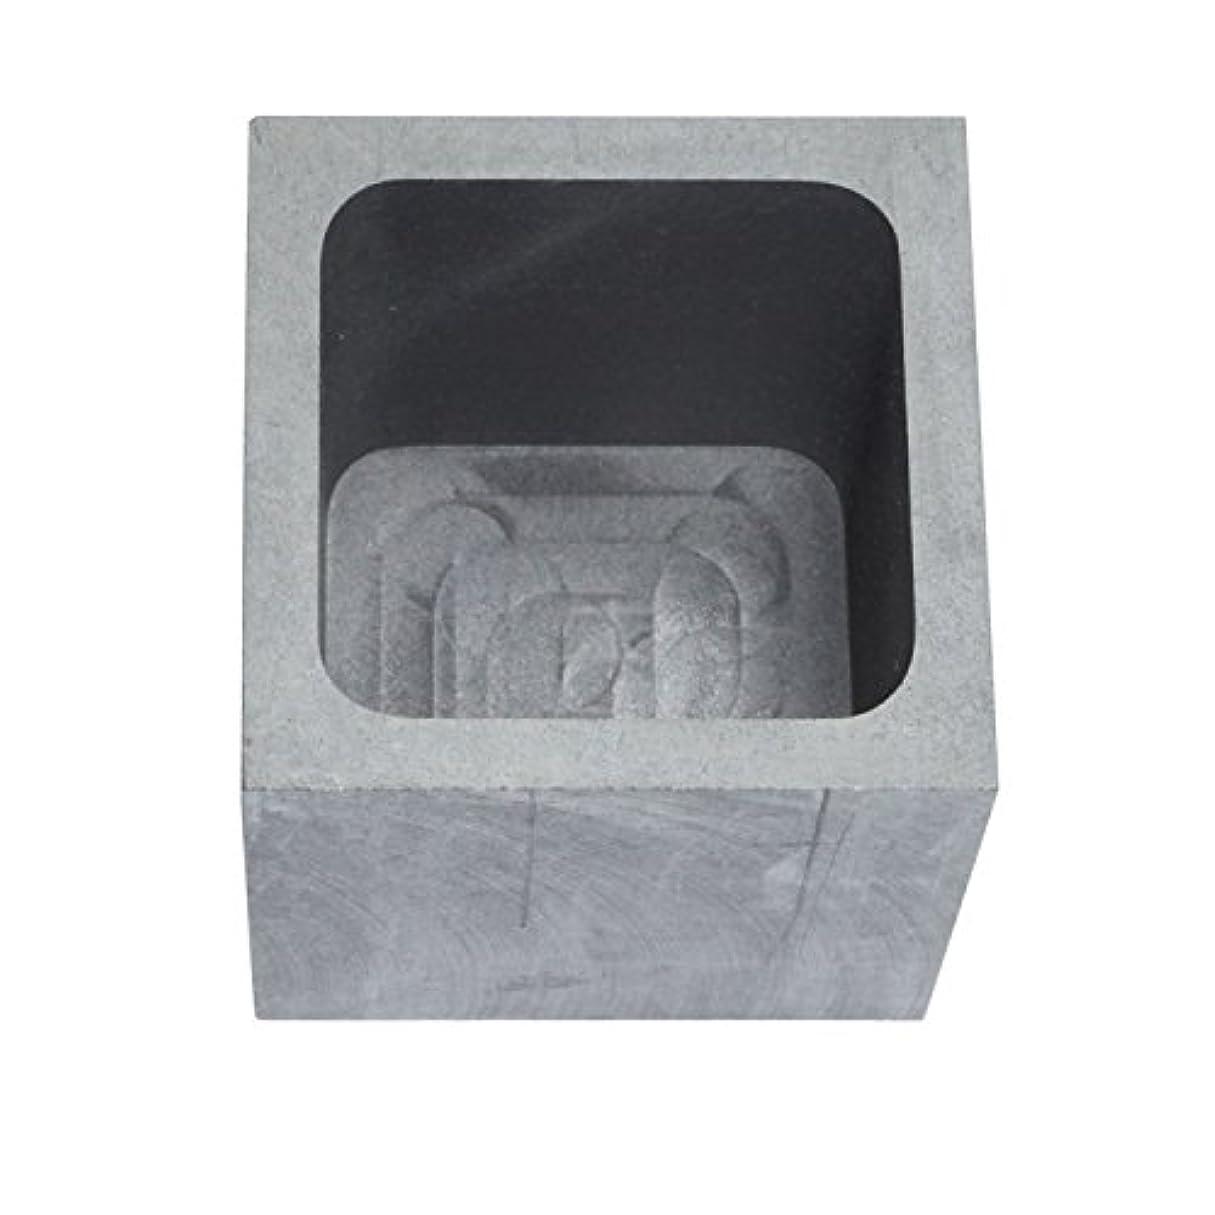 太字気球コンバーチブル純黒鉛るつぼ 角型 石墨坩堝 鋳造インゴット 鋳型るつぼ シルバーゴールド溶融 金銀銅融解用